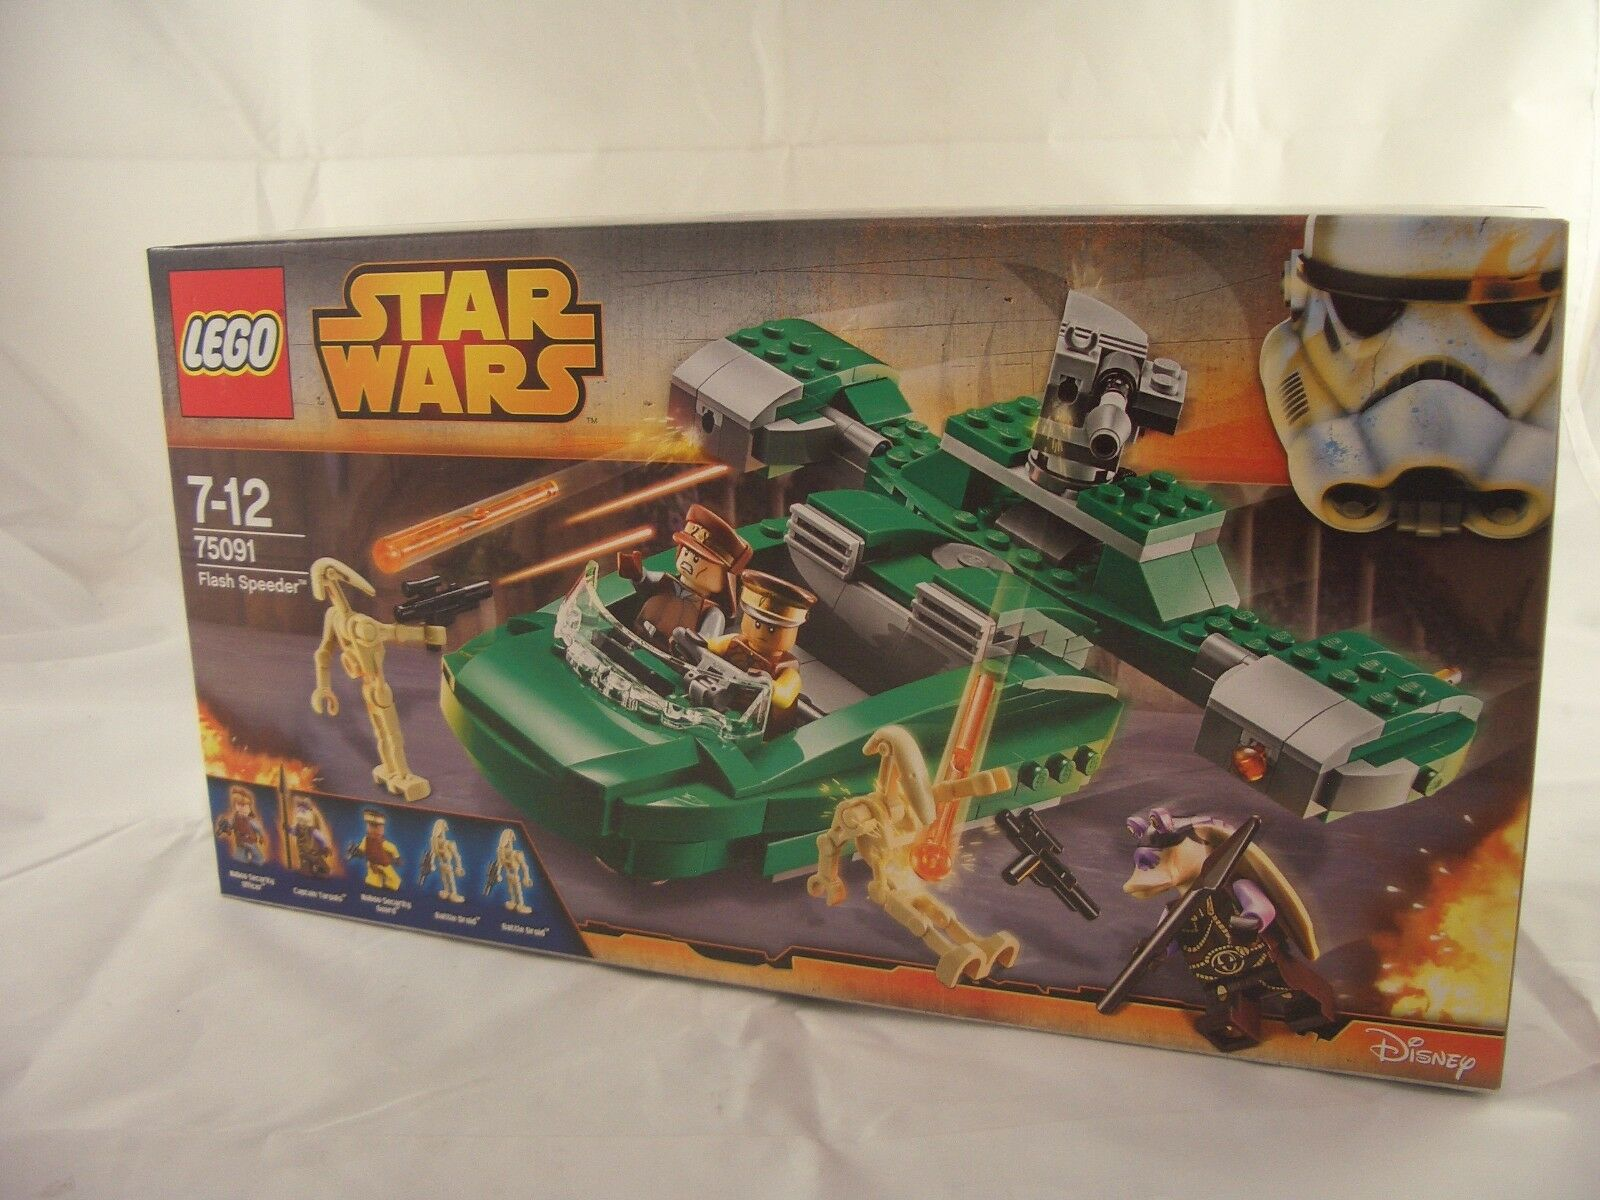 LEGO Star Wars 75091 Flash Speeder New Sealed